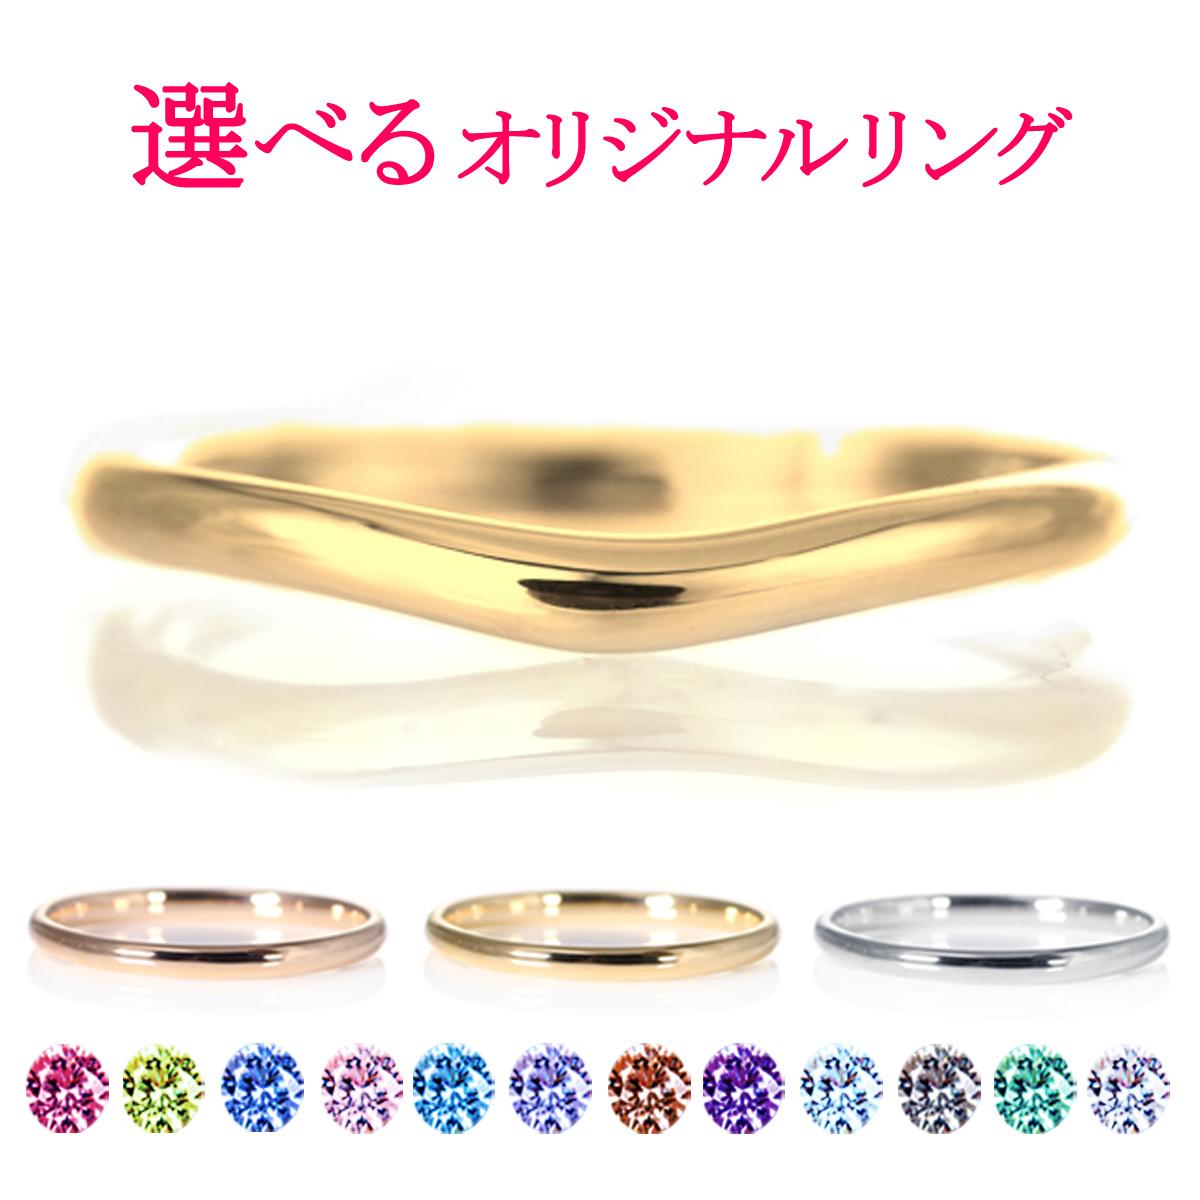 結婚指輪 マリッジリング 18金 ゴールド 甲丸 V字 レディース 末広 スーパーSALE【今だけ代引手数料無料】